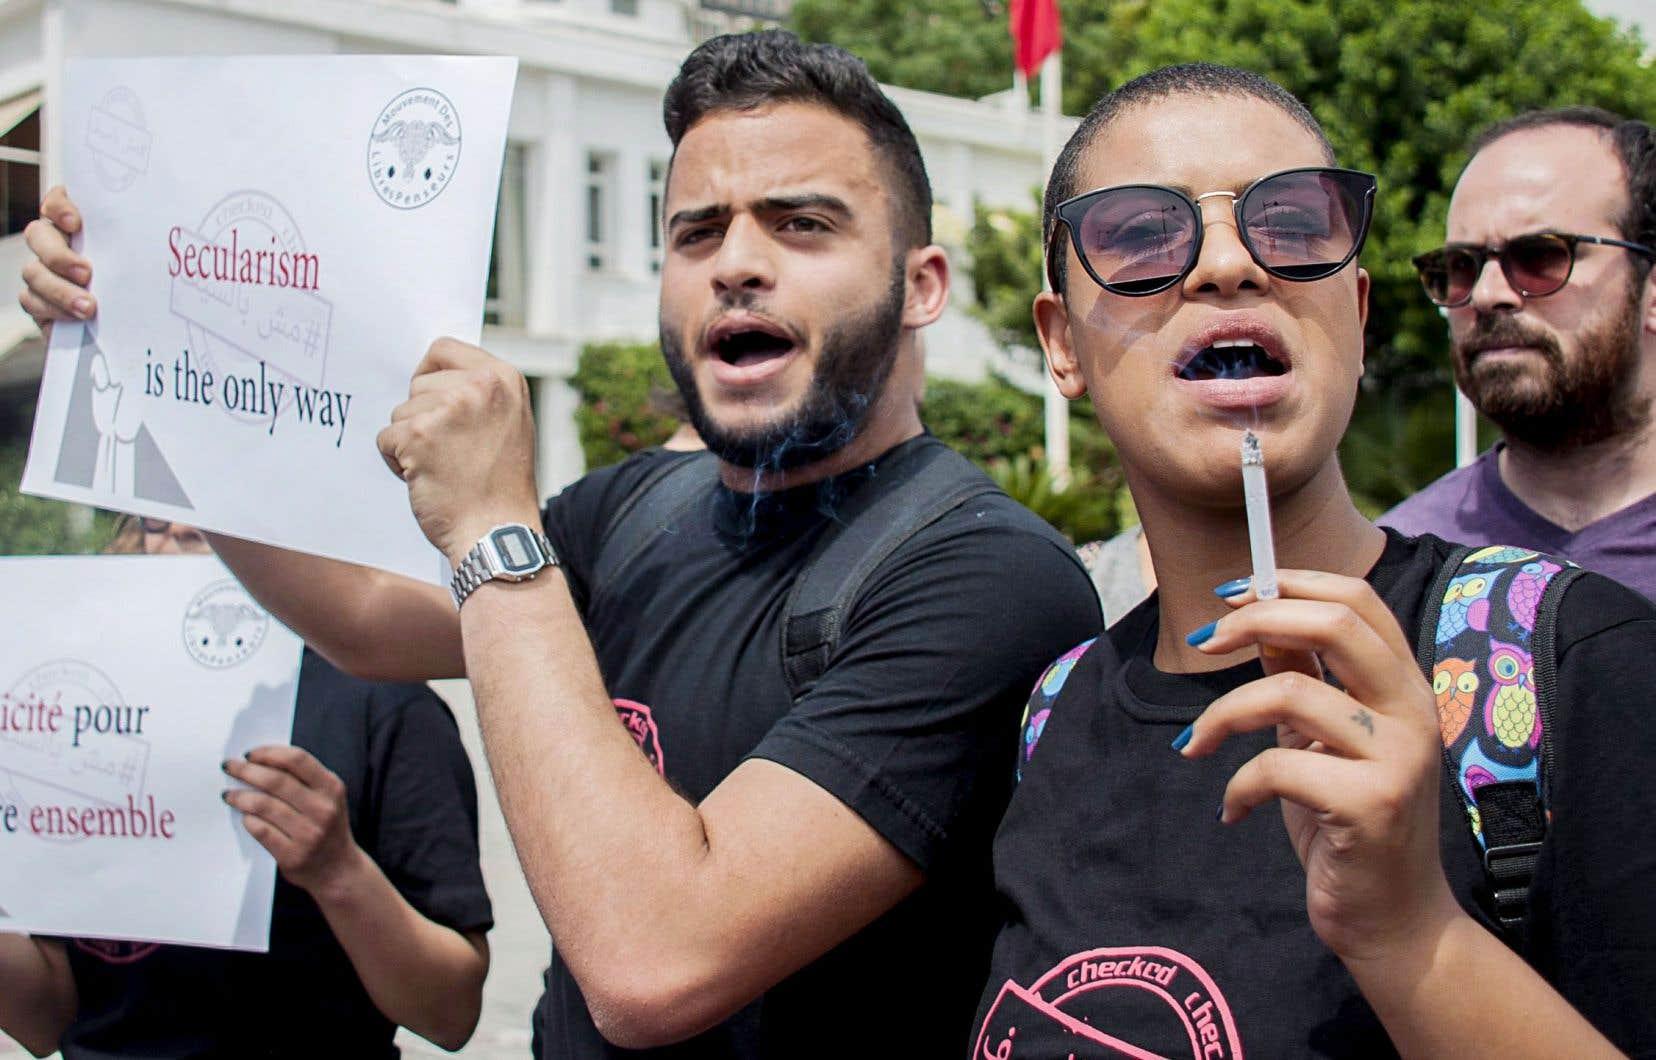 Le 27 mai dernier, des Tunisois ont manifesté contre une directive gouvernementale datant de 1981 obligeant la fermeture des cafés pendant le mois du ramadan.